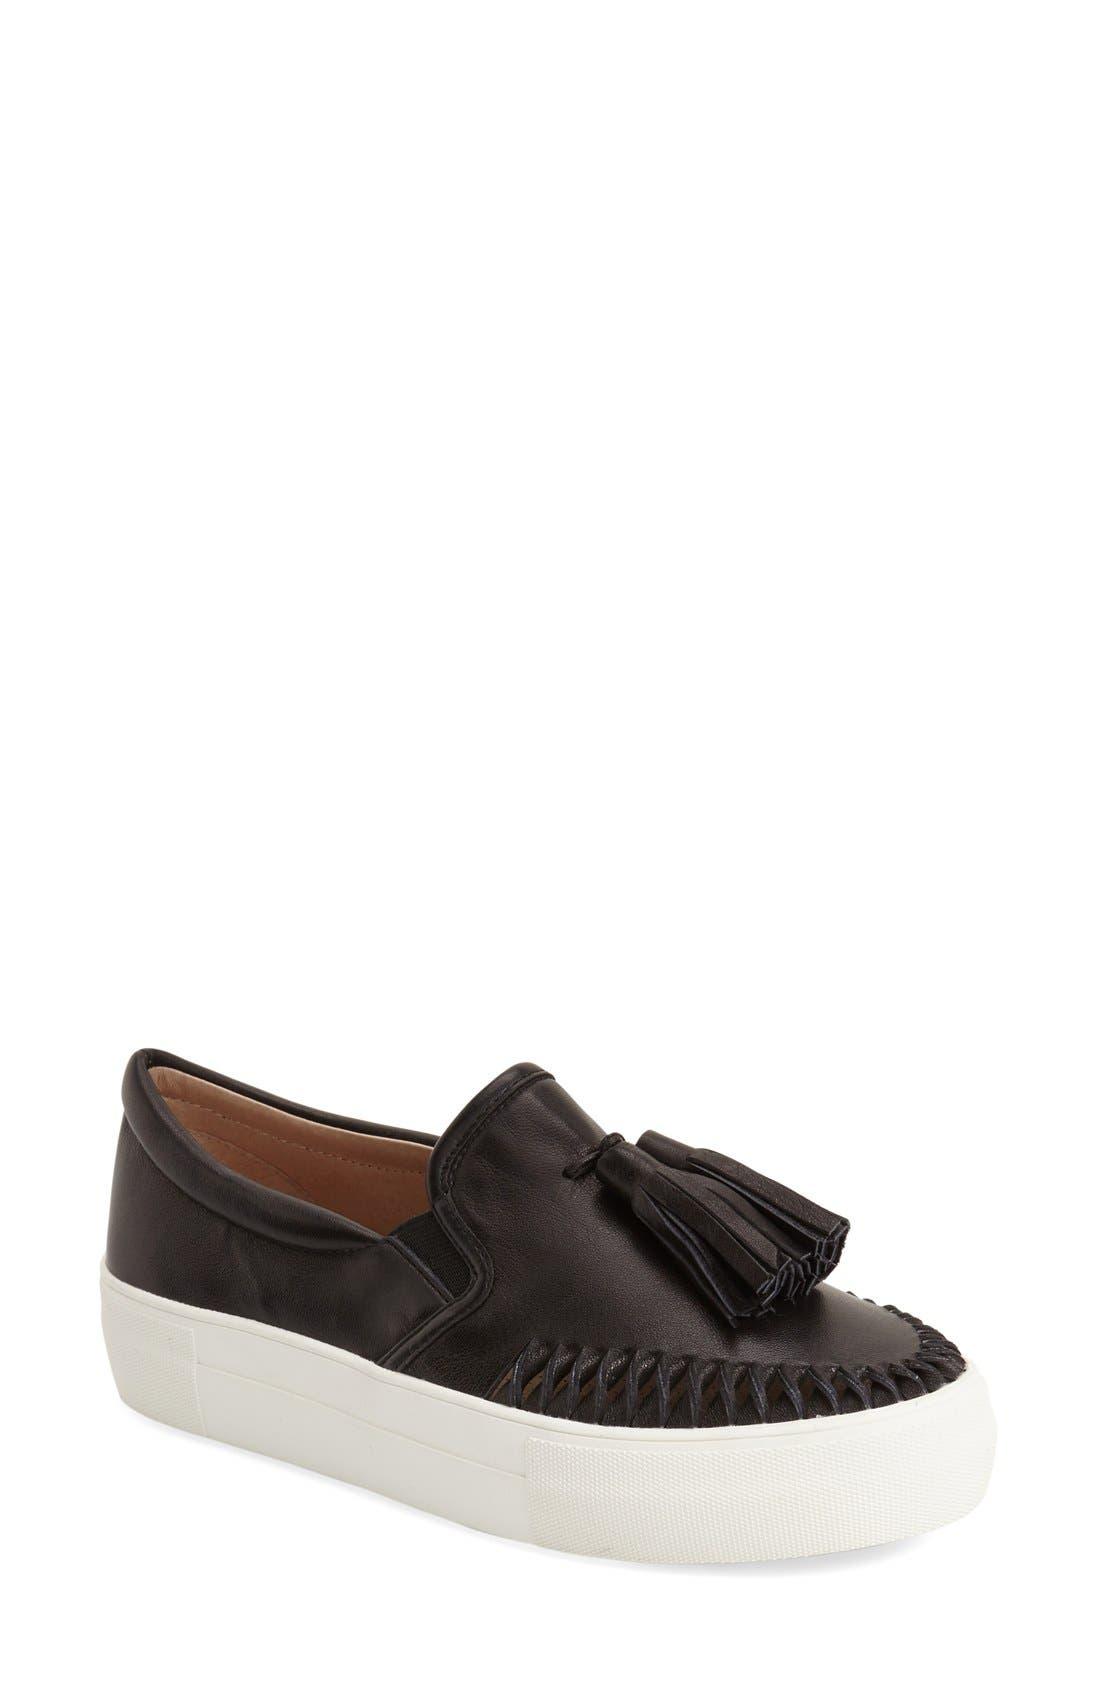 Jslides Tassel Slip-On Sneaker- Black